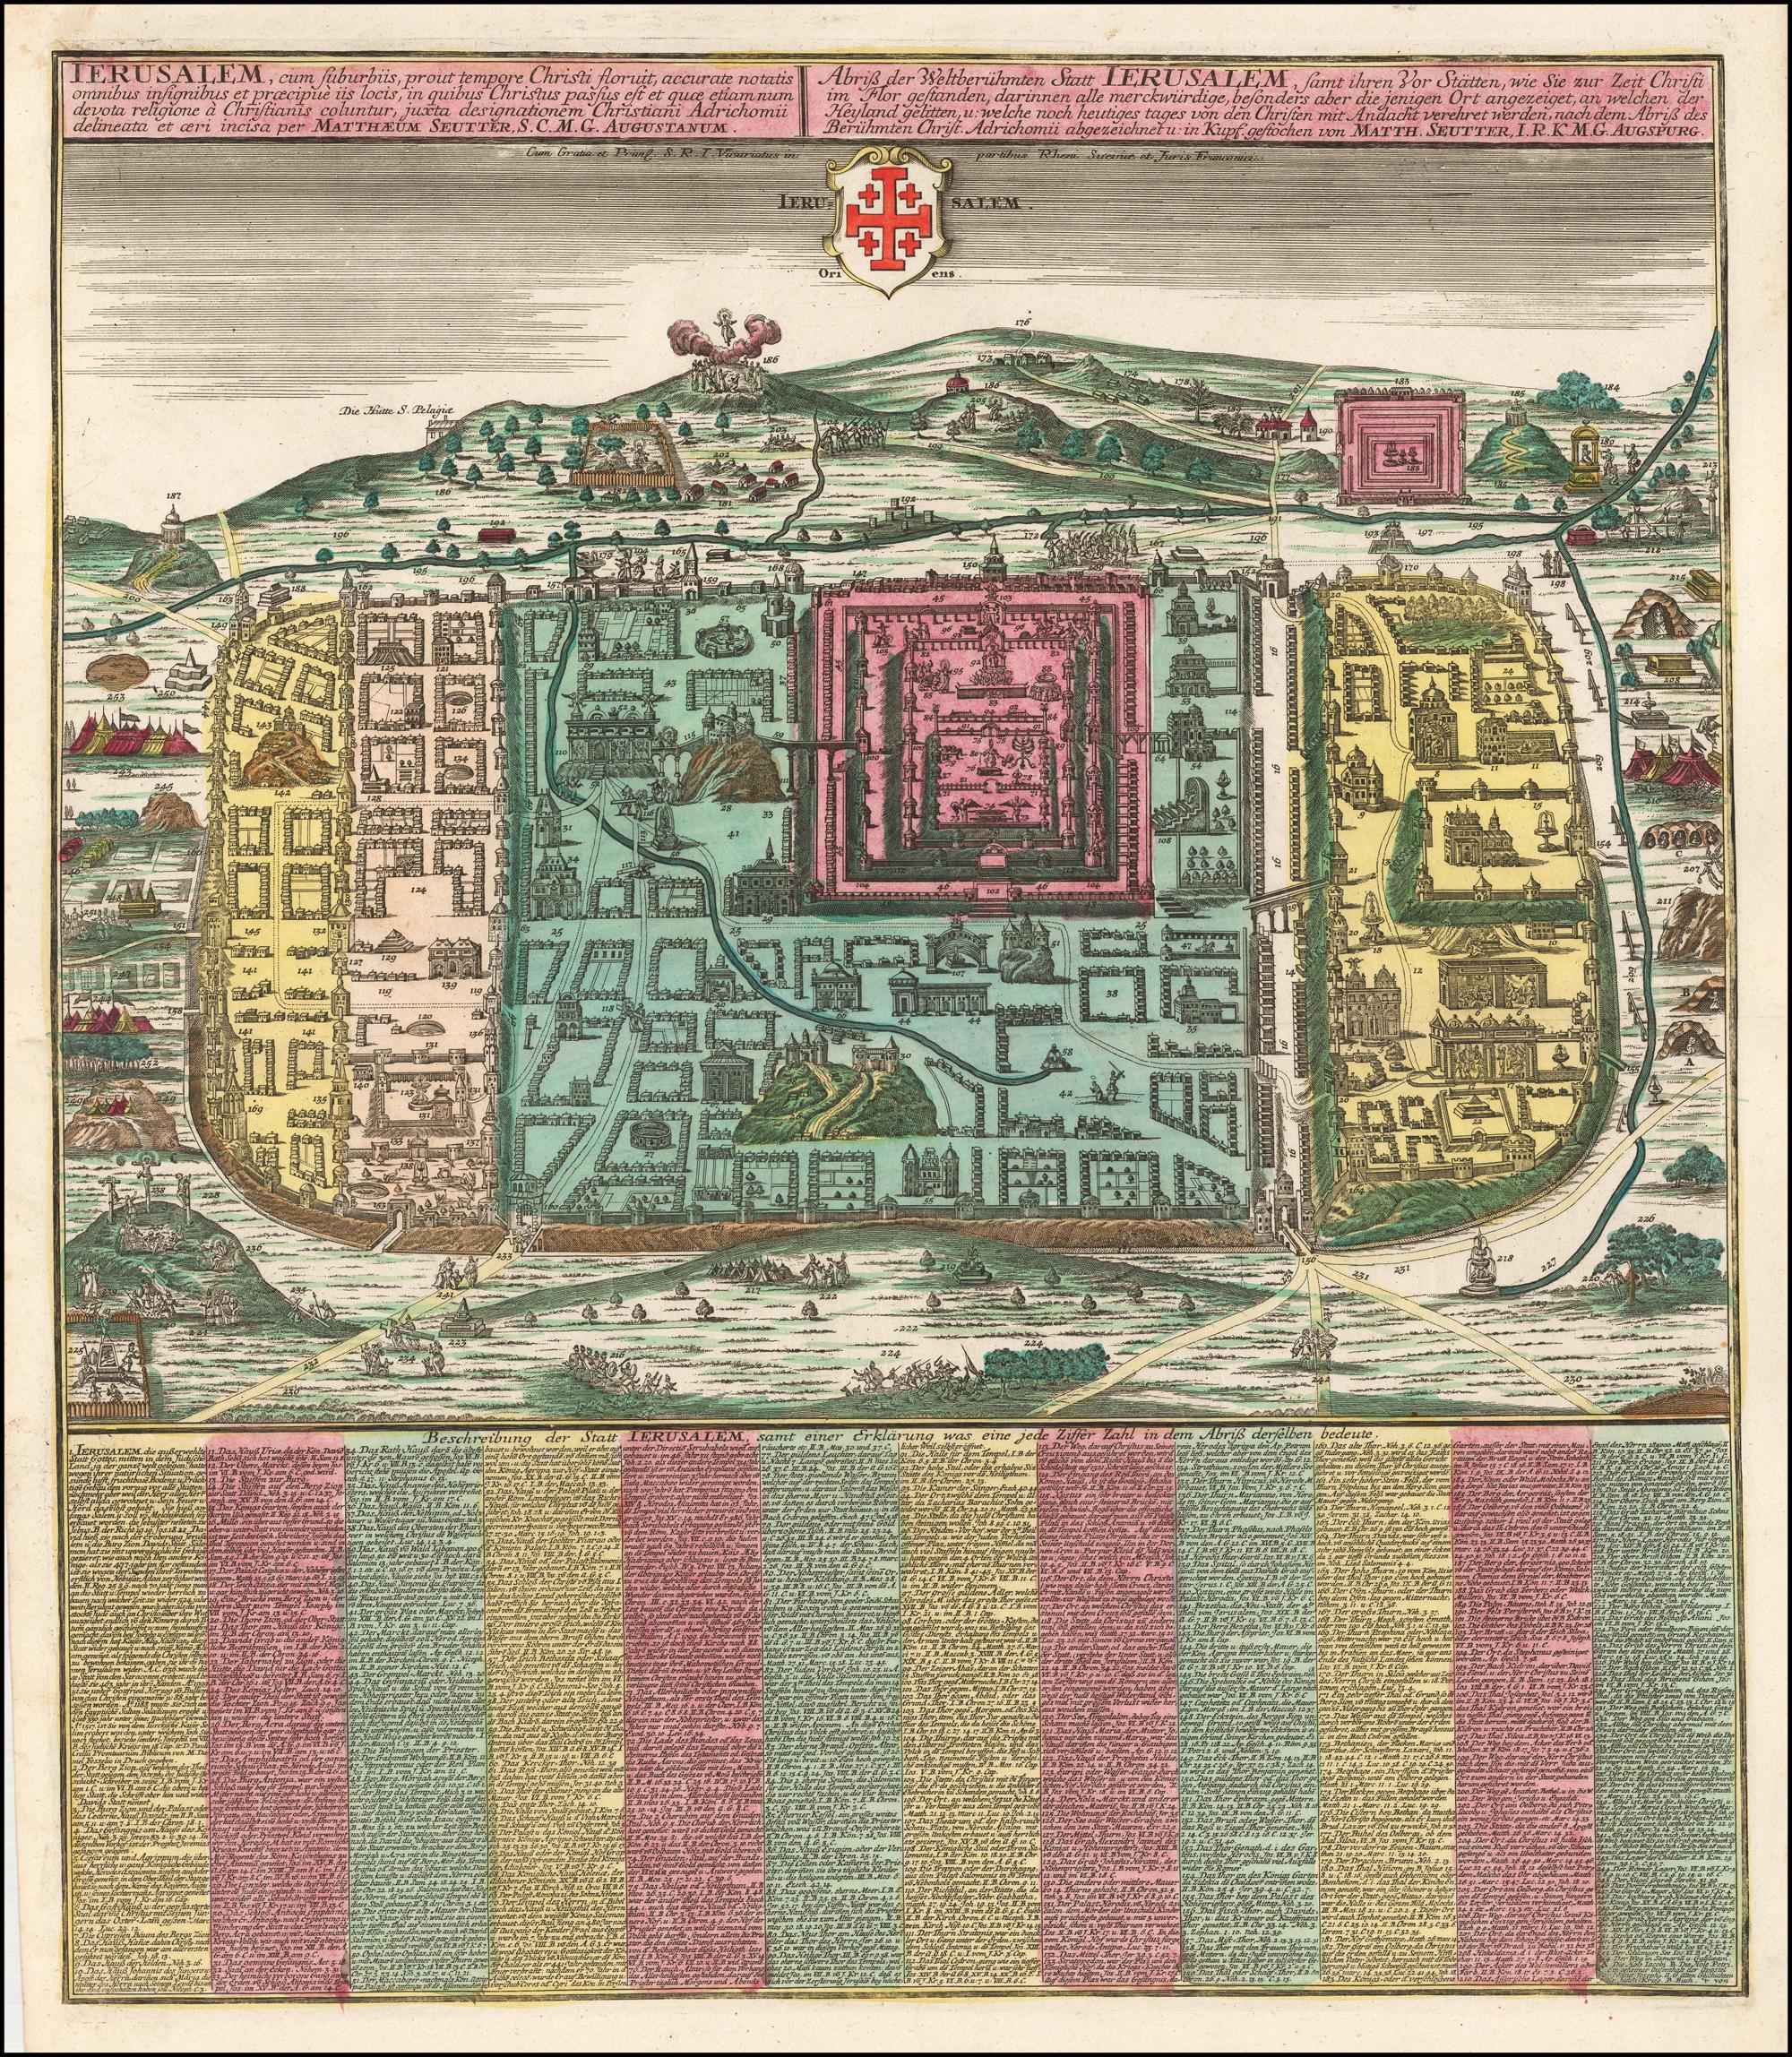 Прекрасный полноцветный пример плана города Иерусалима Зюттера, основанного на карте Христиана Ван Адриха 16 века